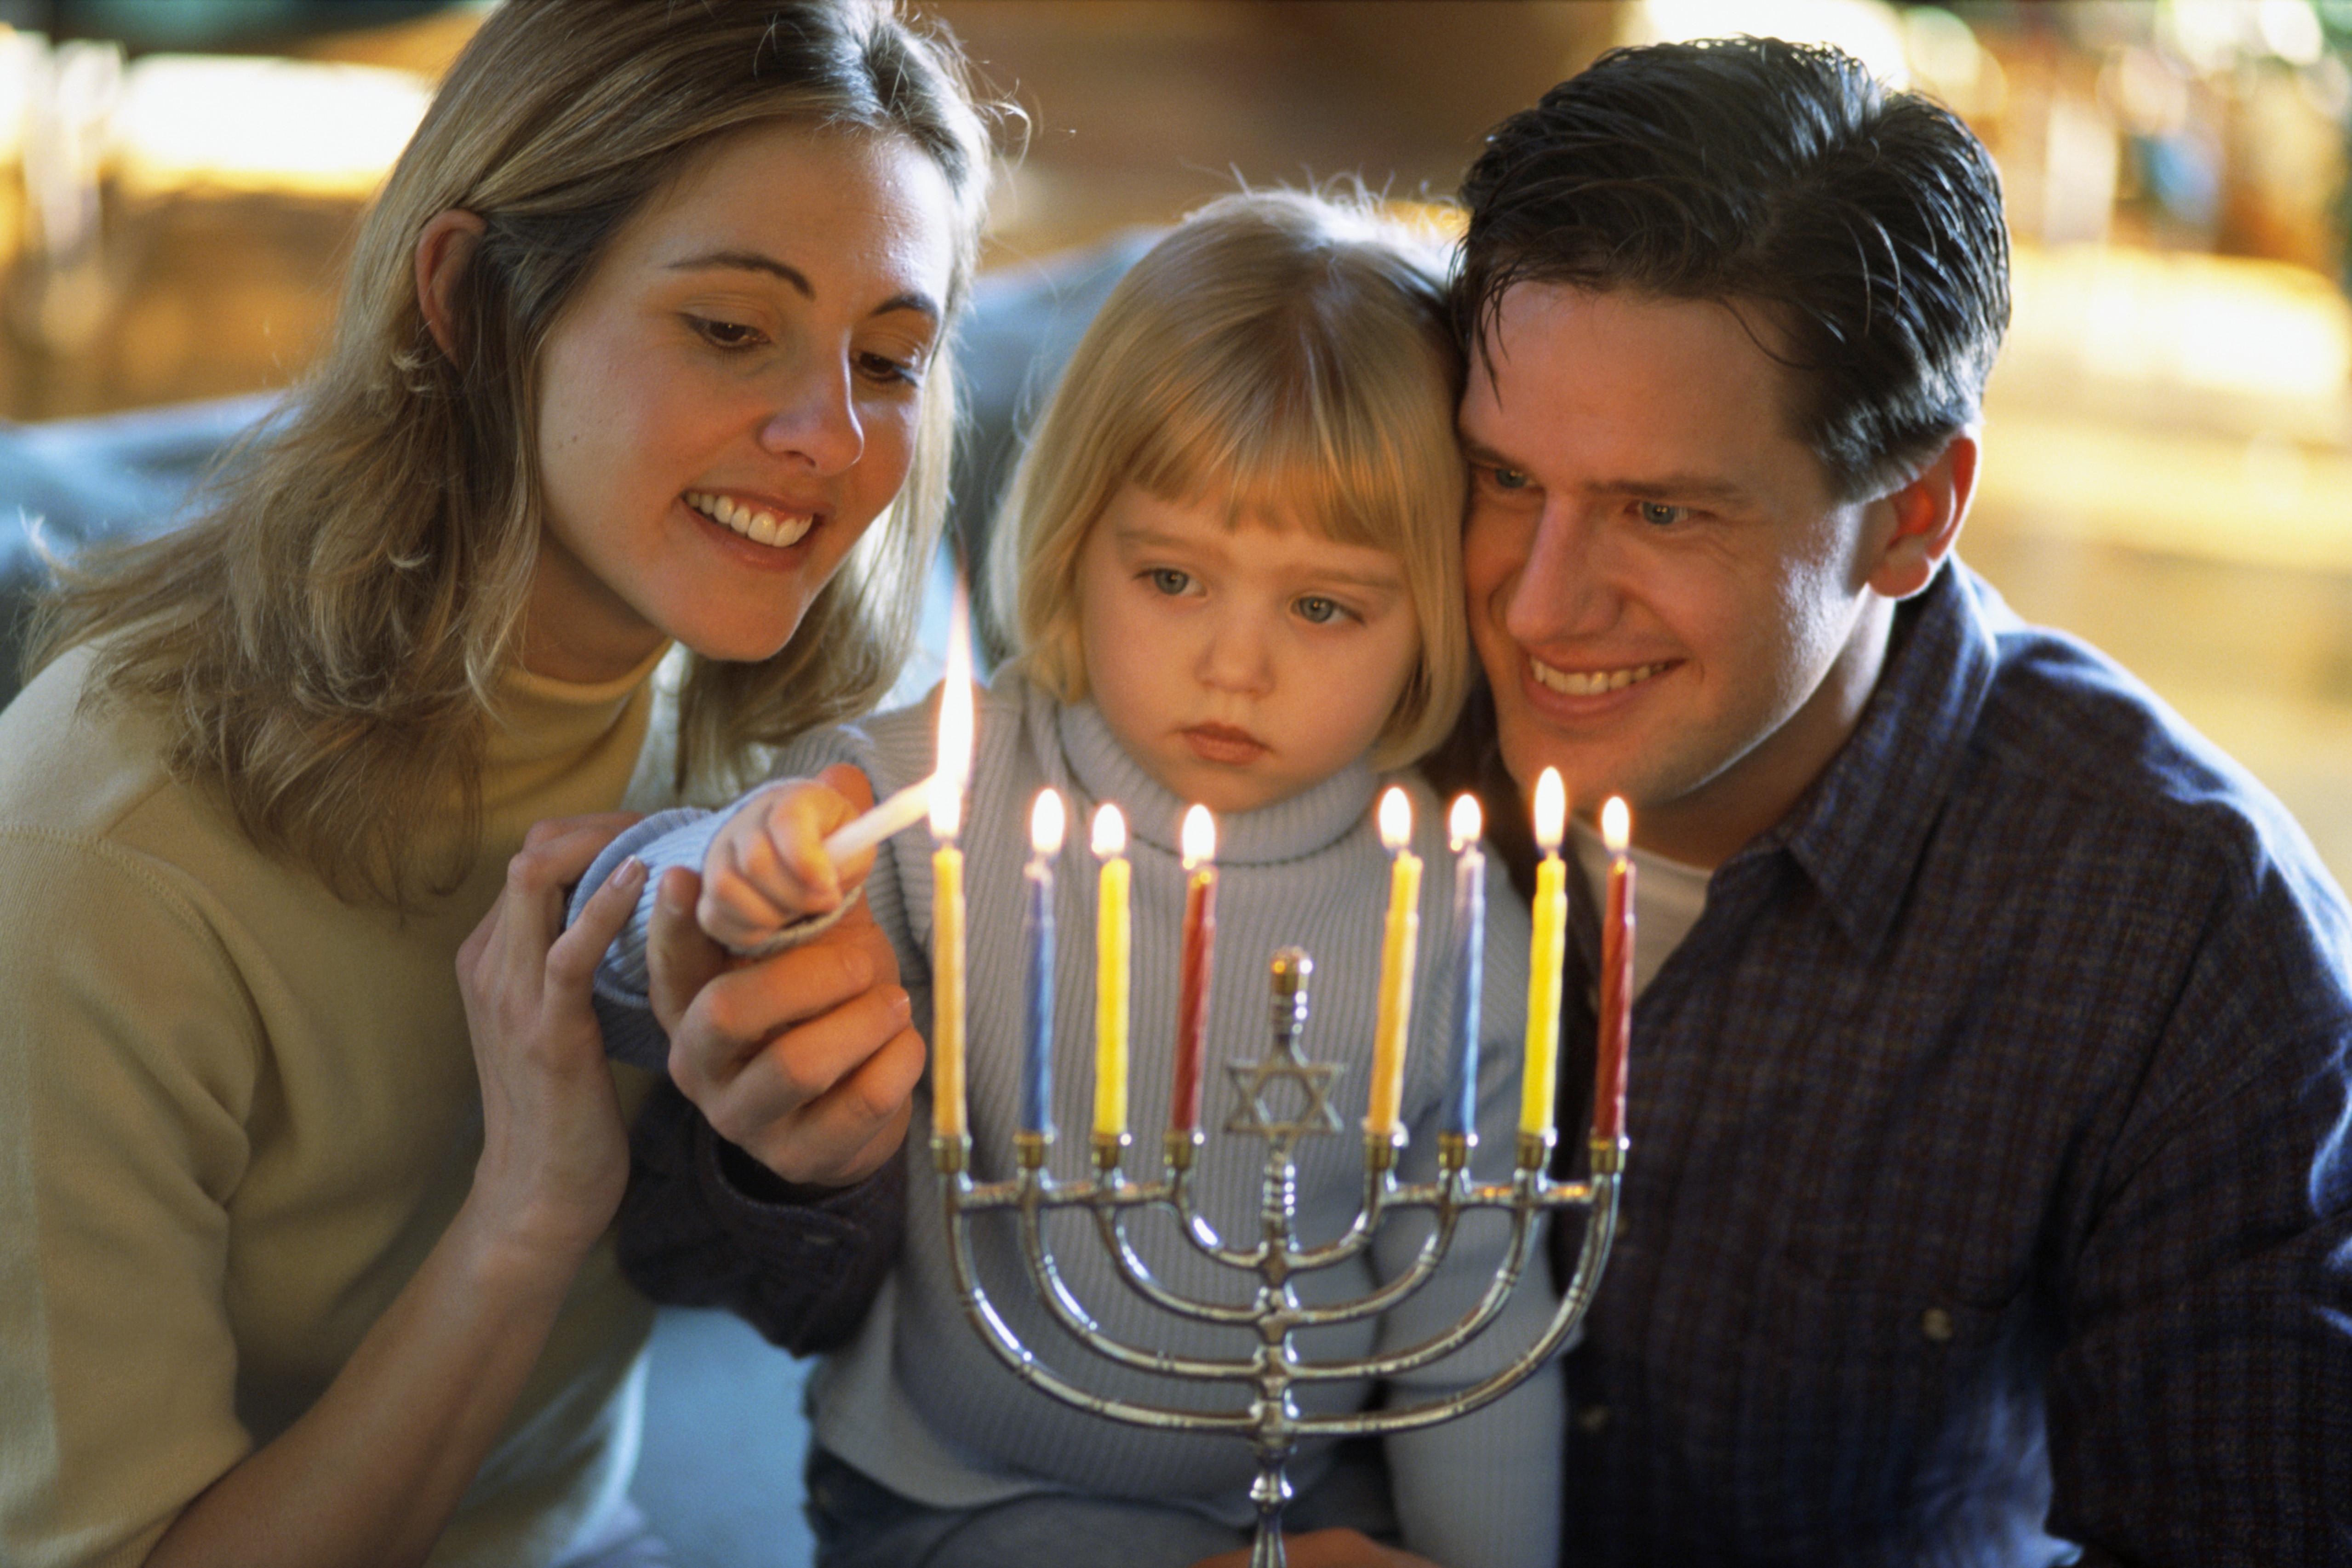 hanukkah menorah eight nights of hanukkah candles shammash holidays jewish  sc 1 th 183 & family-lighting-menorah-2 - Hanukkah Pictures - Hanukkah - HISTORY.com azcodes.com